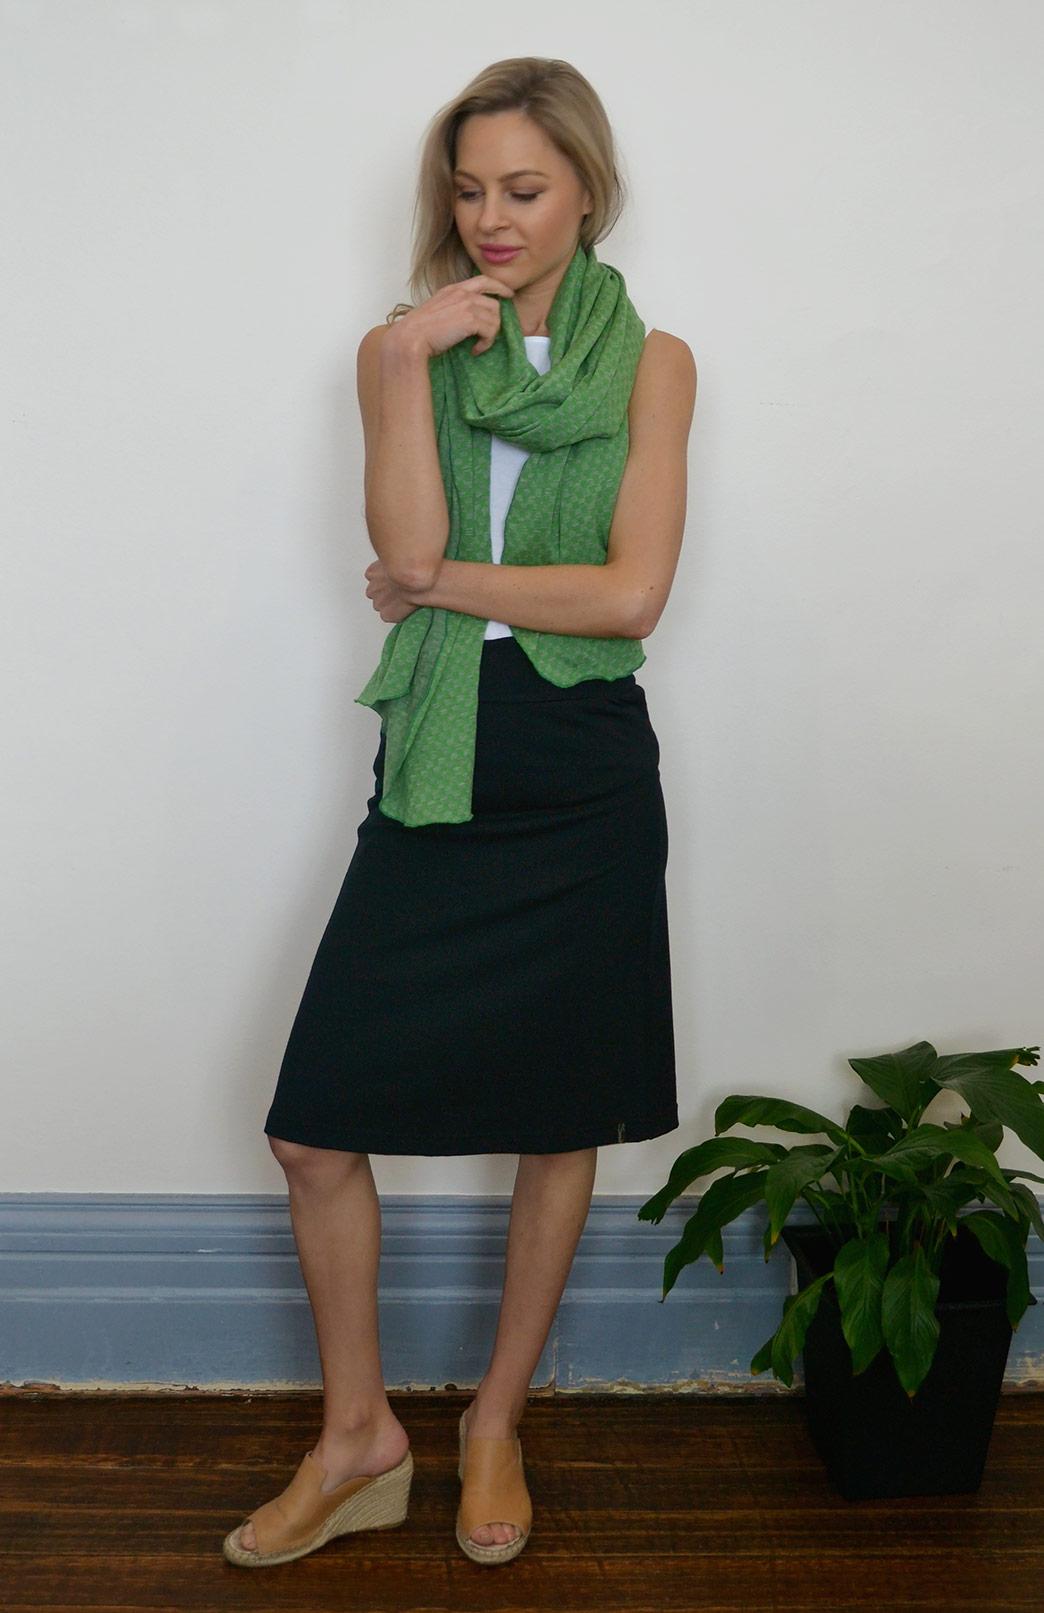 A-line Skirt - Women's Black A-Line Wool Skirt - Smitten Merino Tasmania Australia